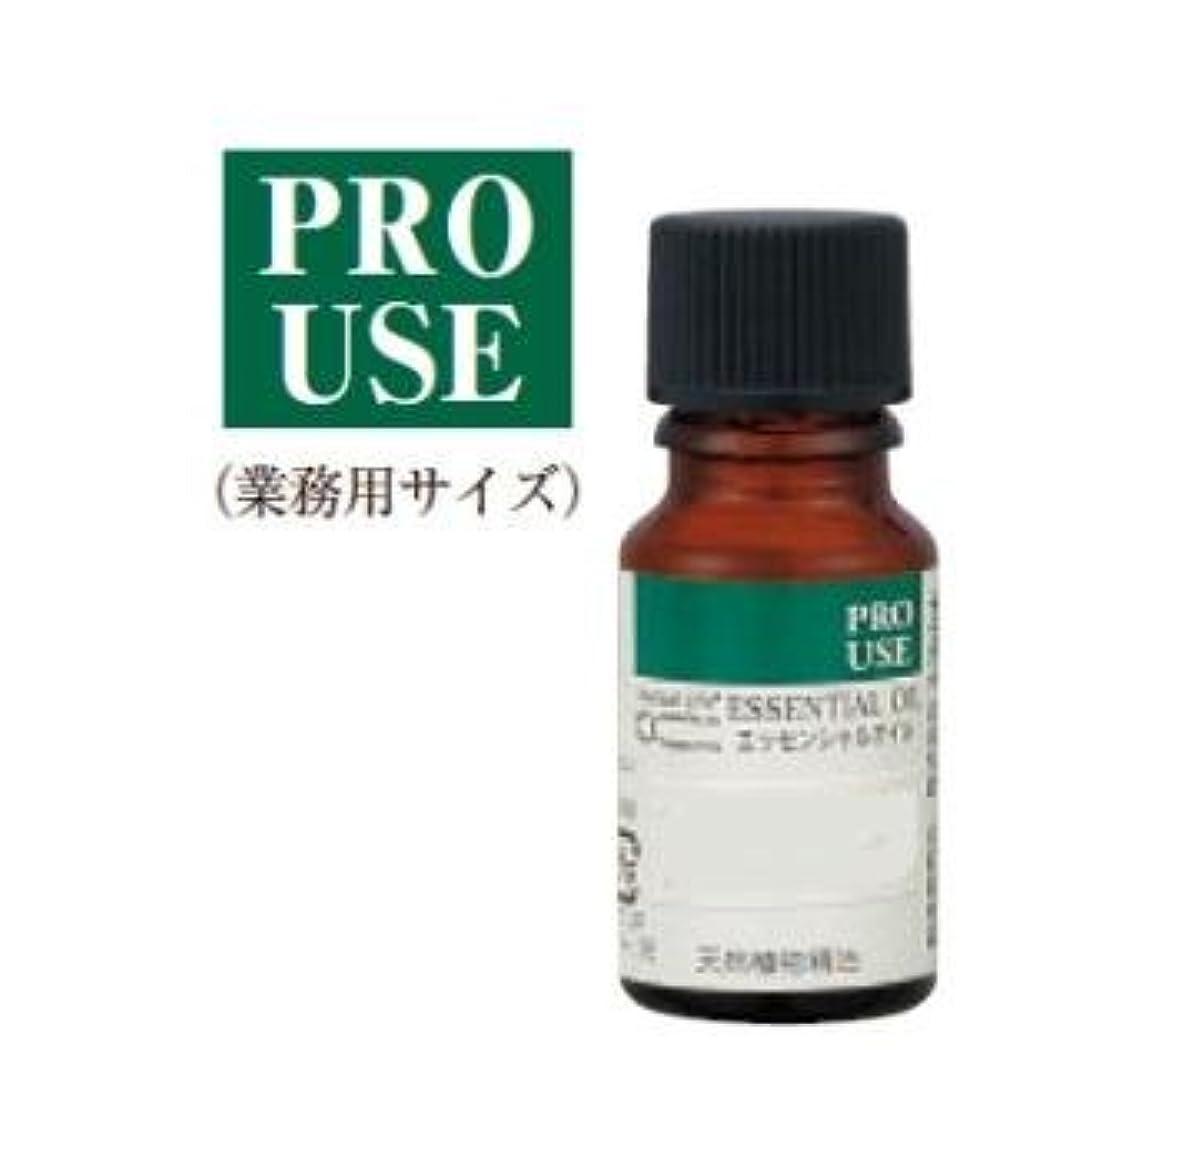 変位小麦粉感性生活の木 ジャスミンAbs.10ml エッセンシャルオイル/精油